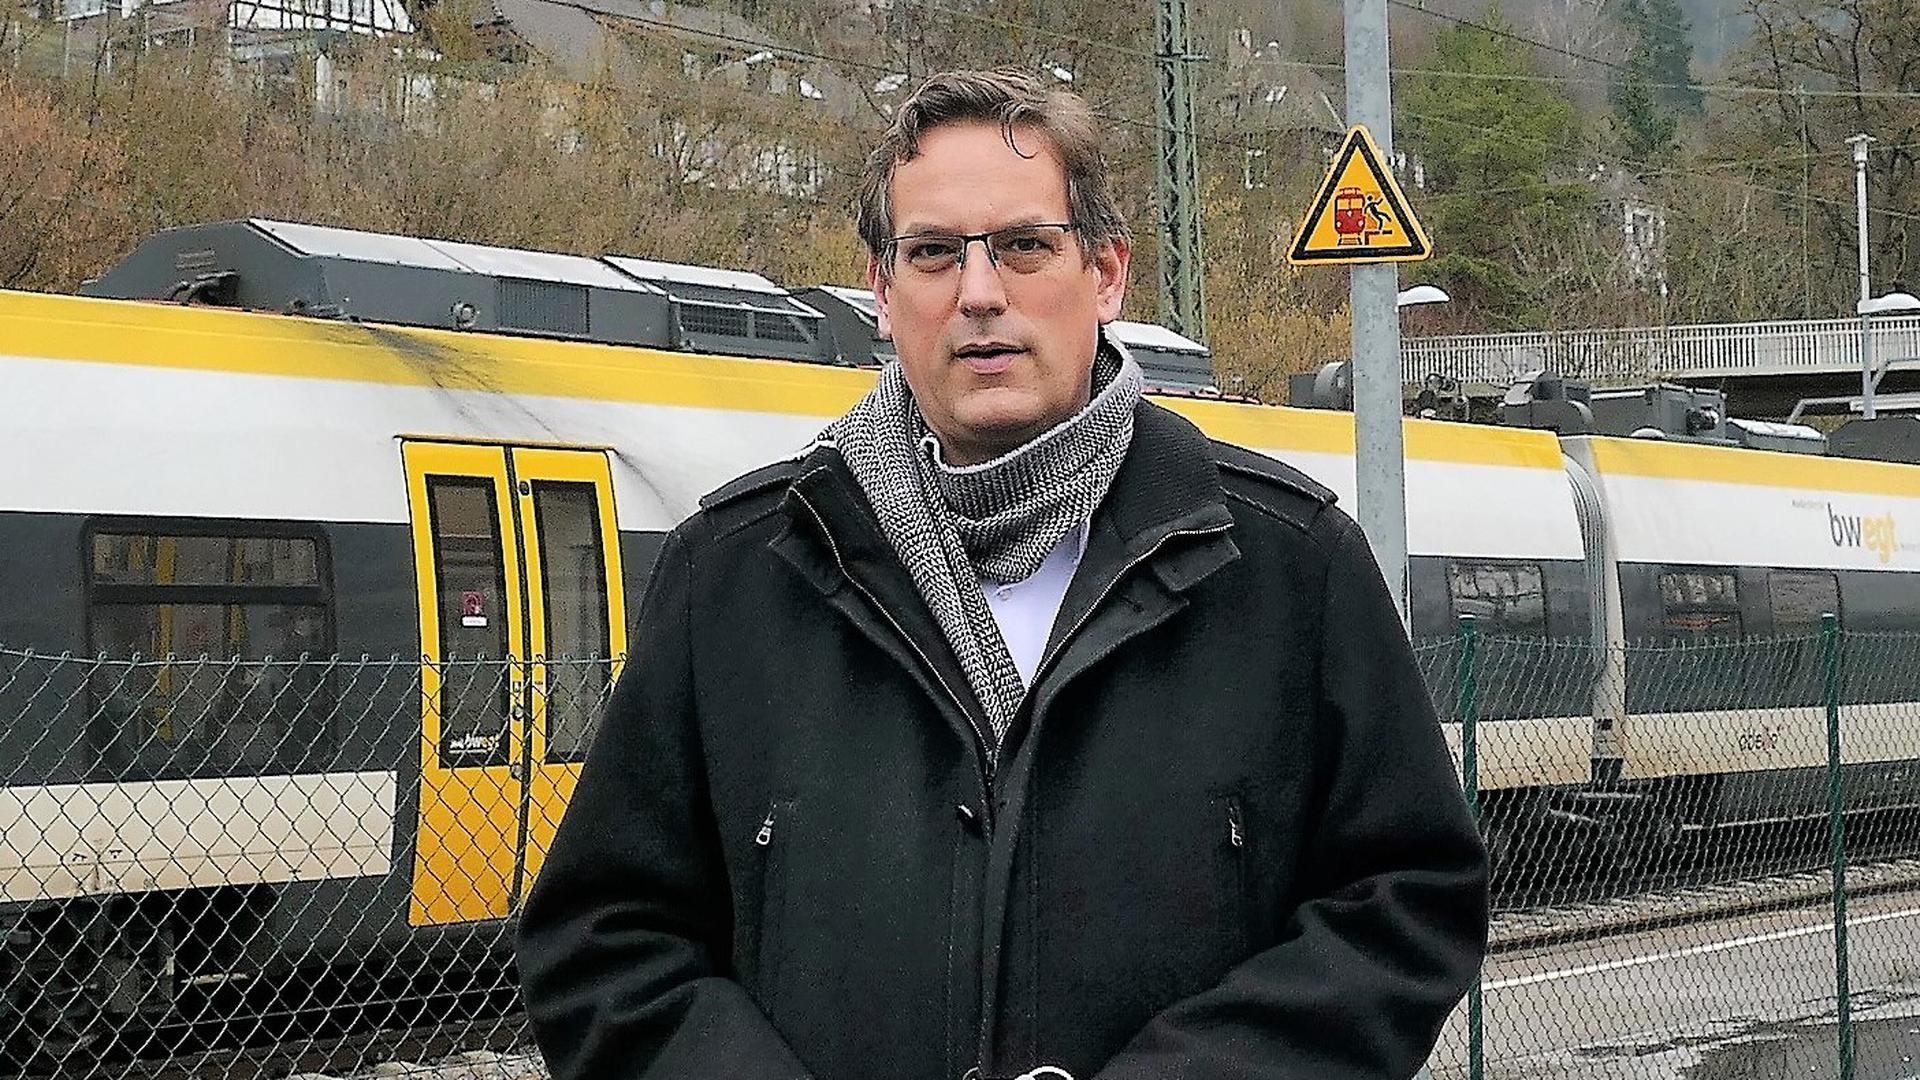 Erik Schweickert hat für die Residenzbahn eine Qualitätsoffensive gestartet – hier am Bahnhof Niefern.